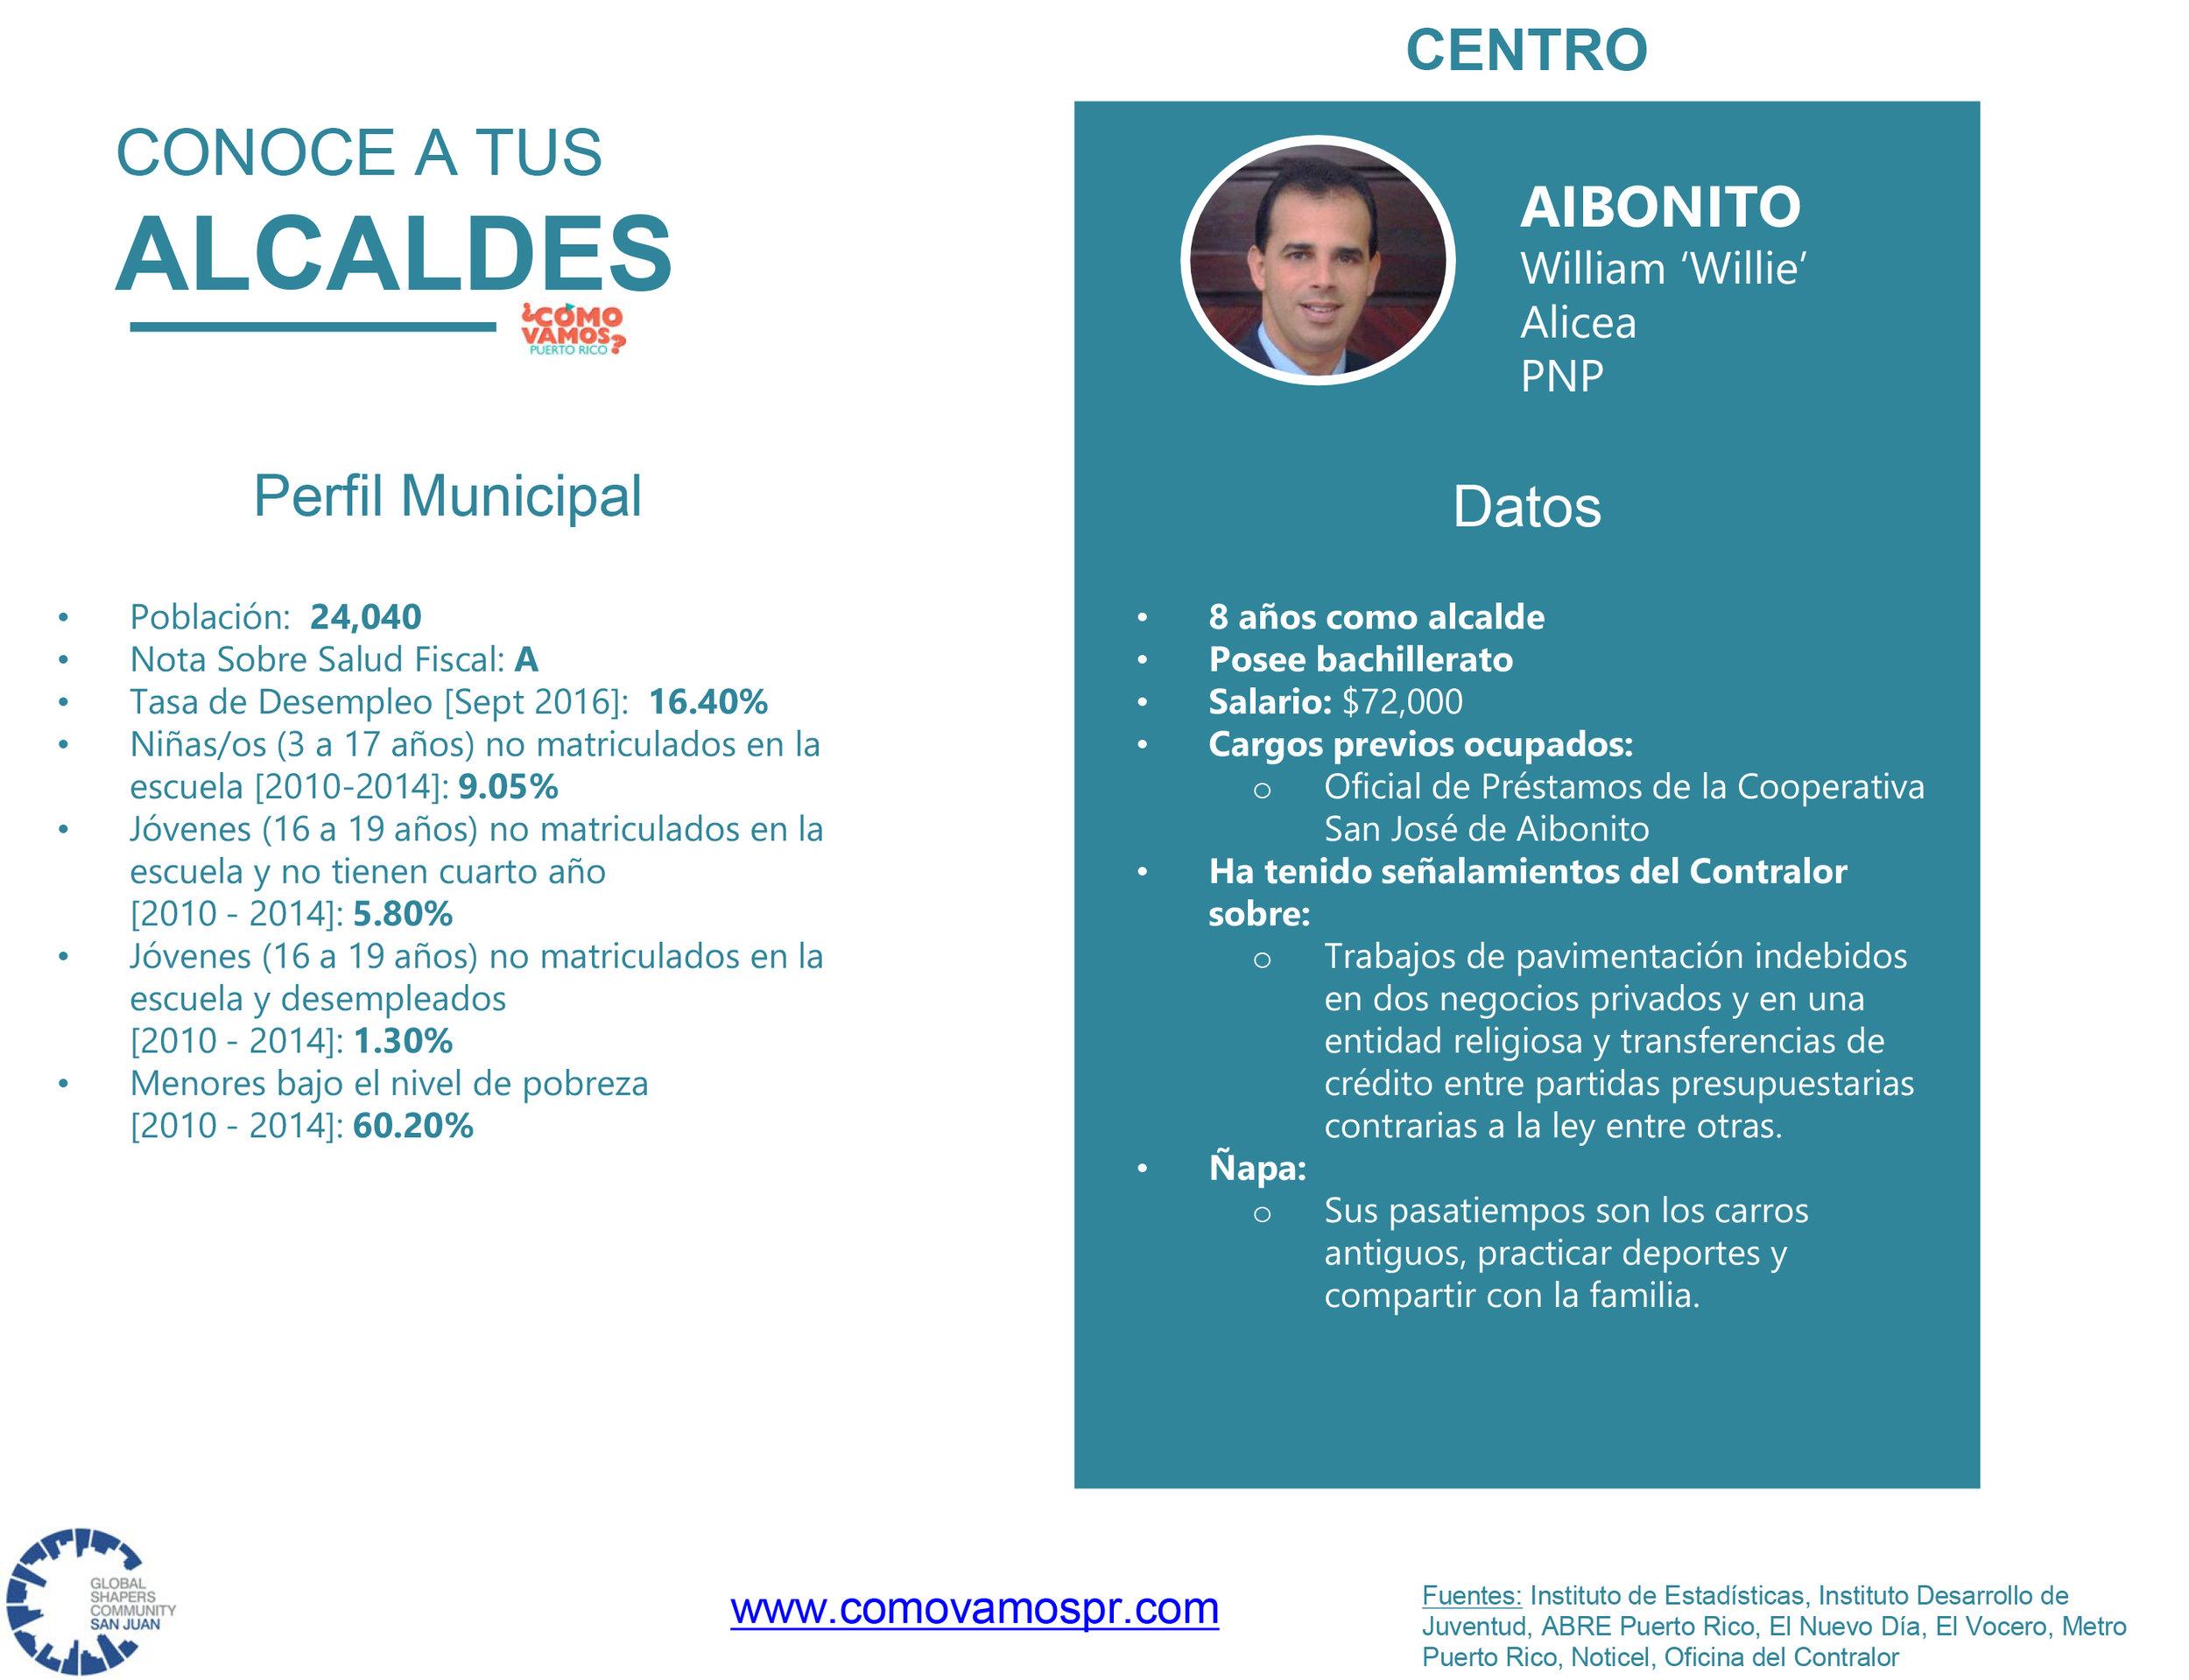 Alcaldes_Centro_Aibonito.jpg